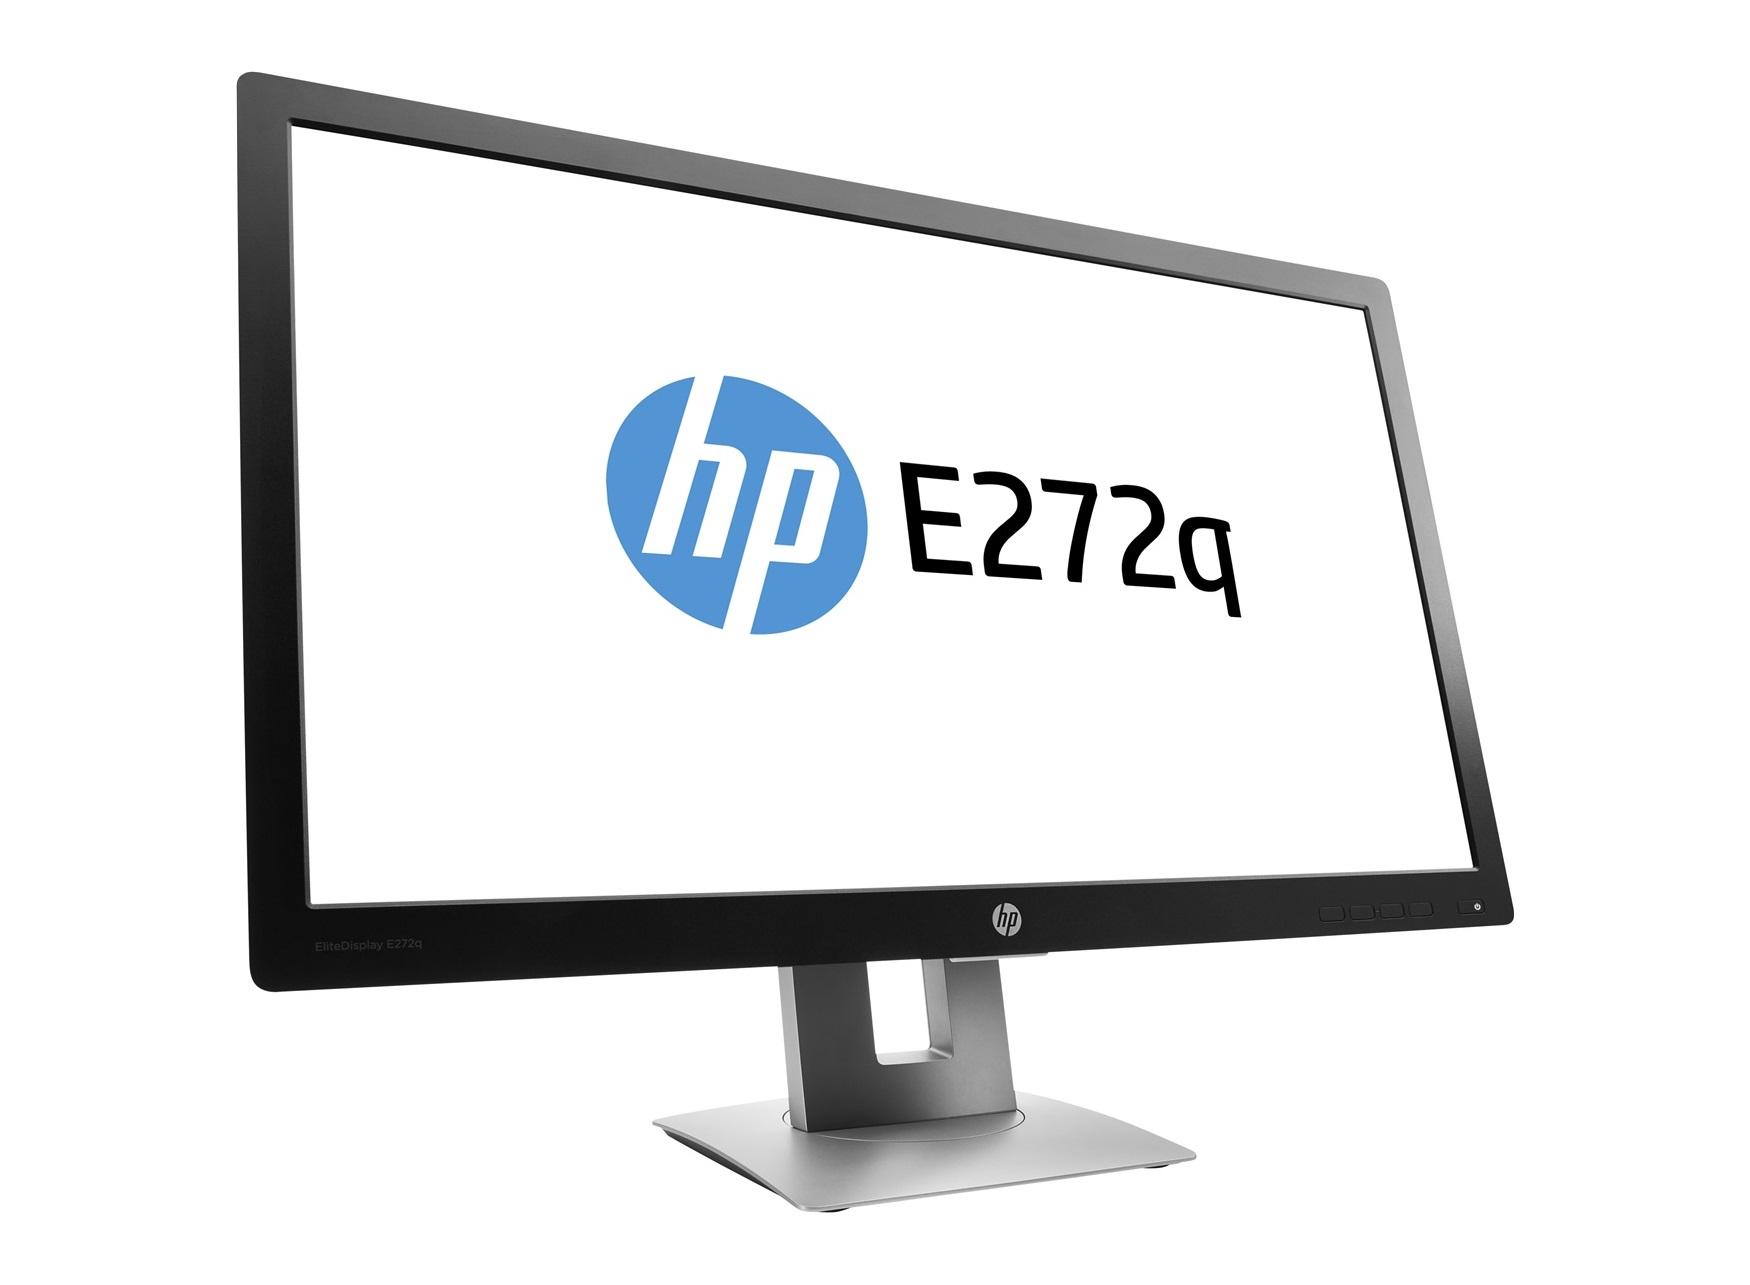 Màn hình HP EliteDisplay E272Q 27